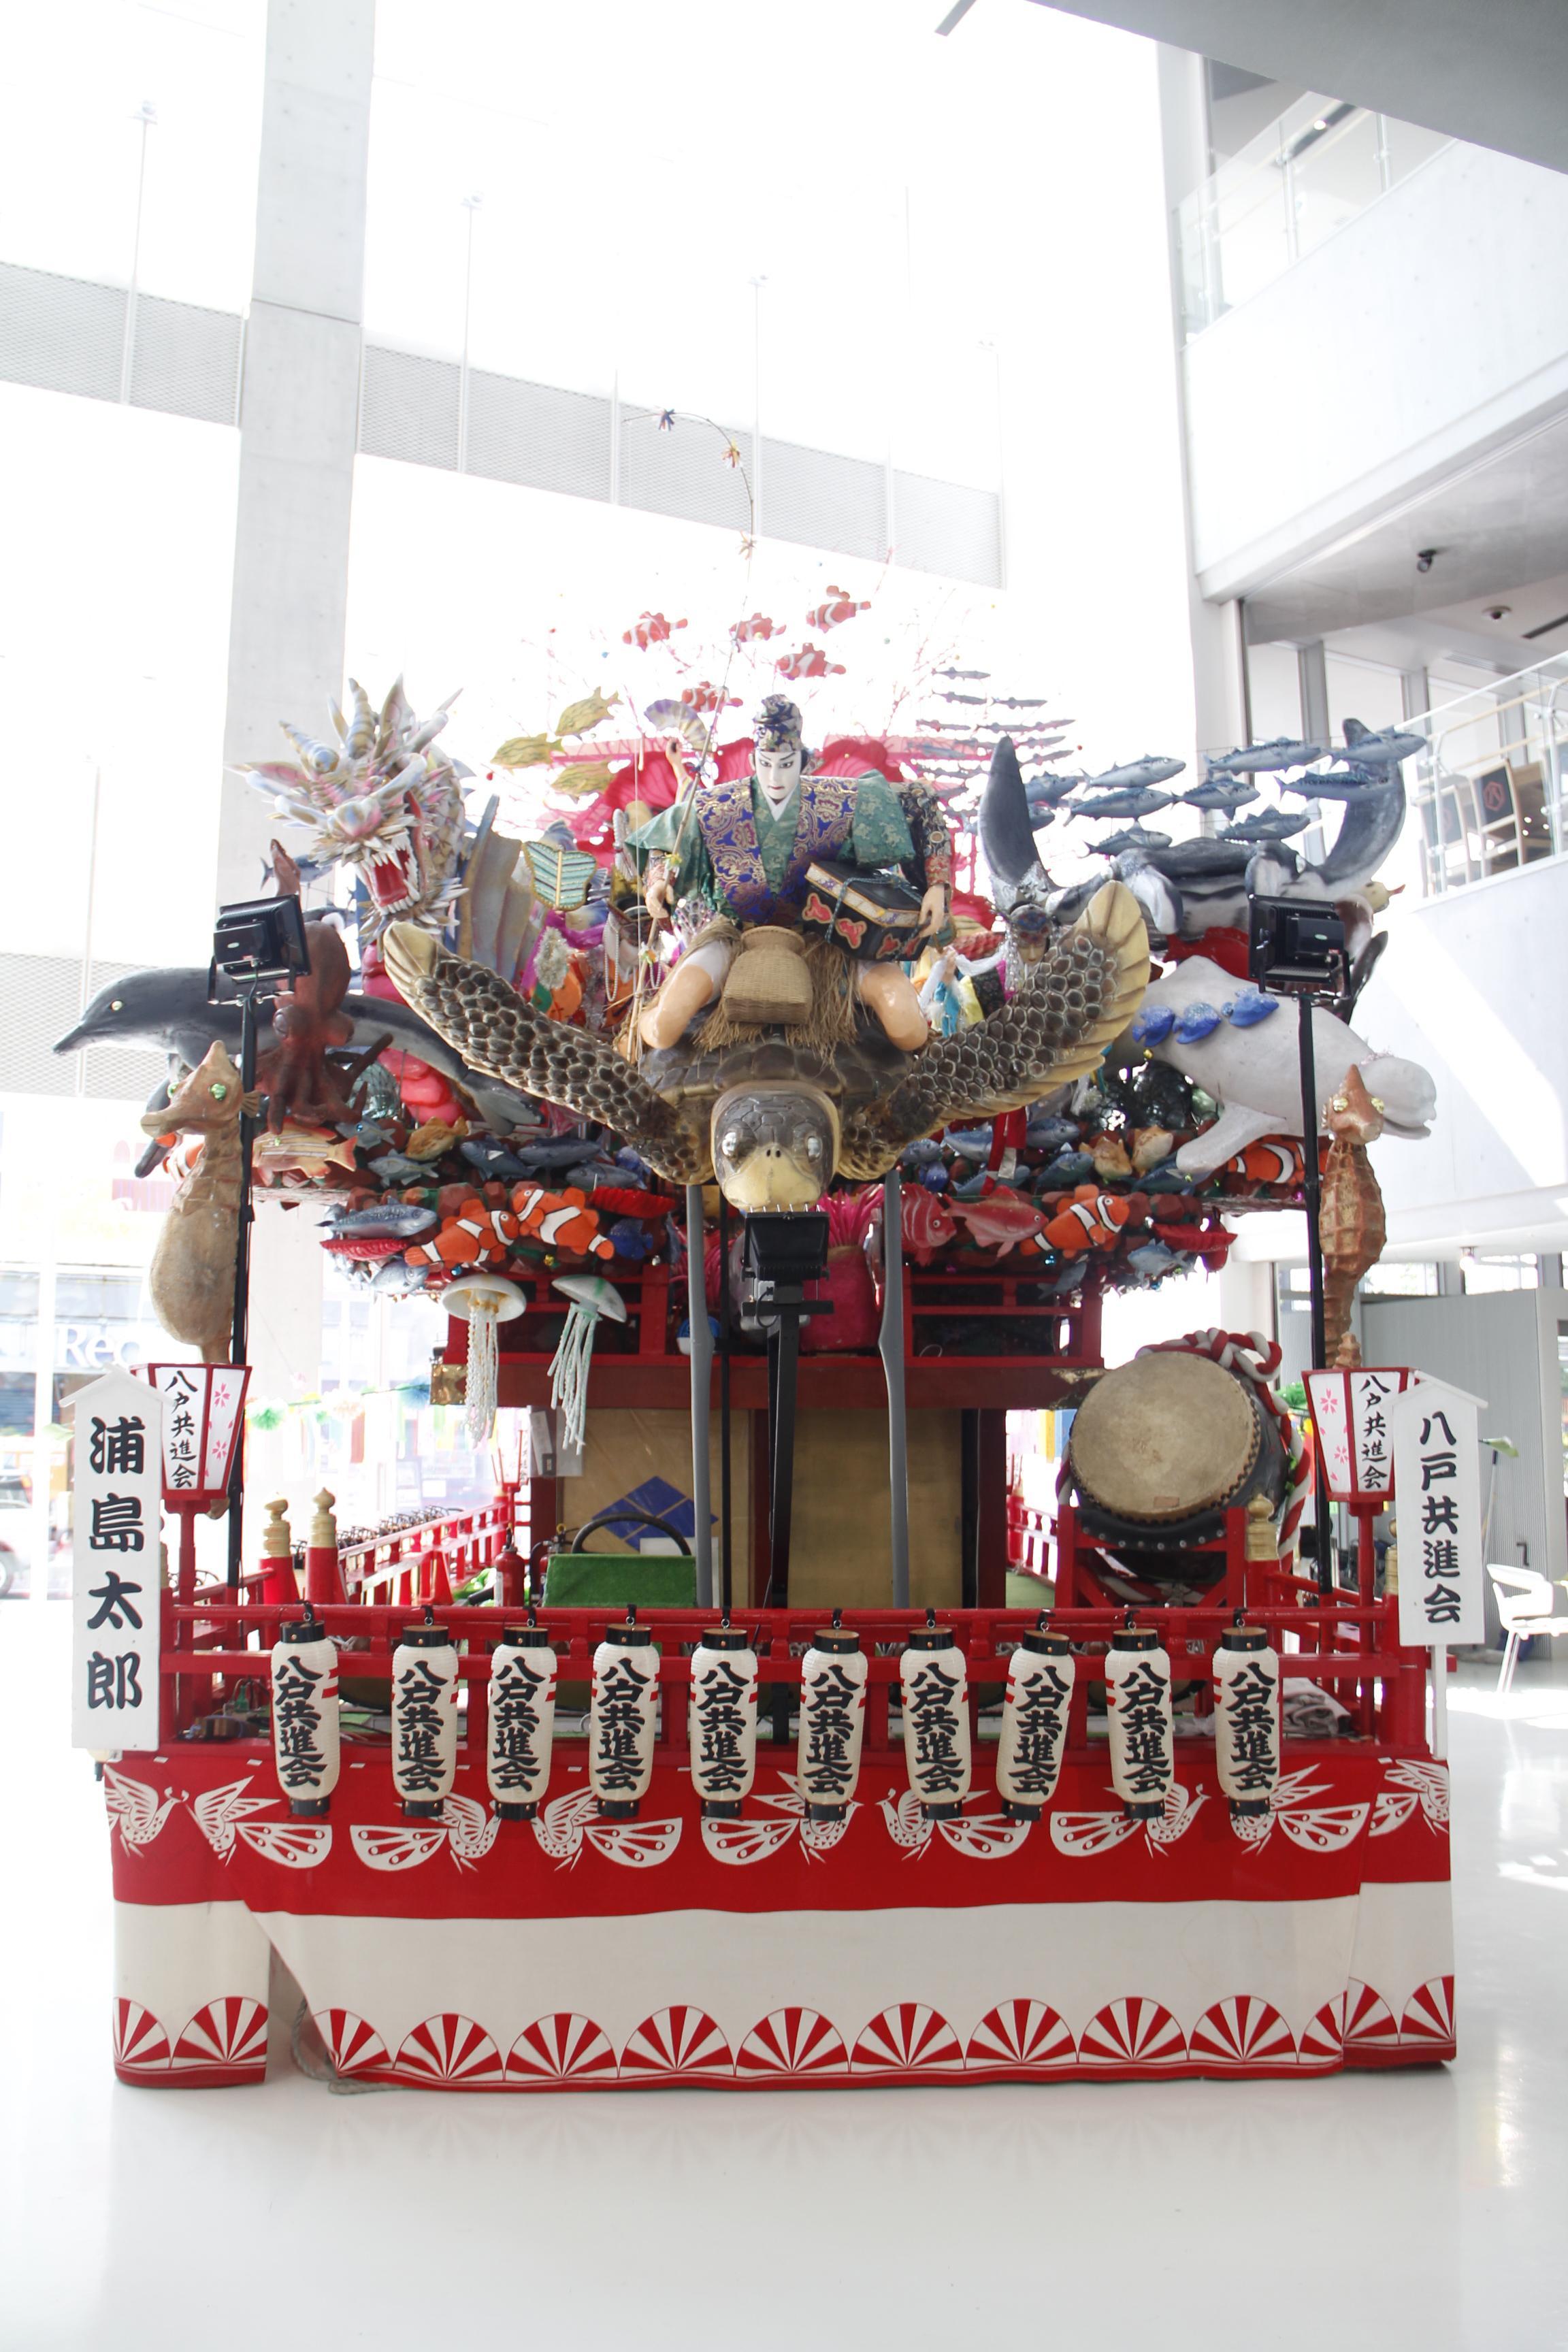 http://hacchi.jp/blog/upload/images/20130806_1.jpg